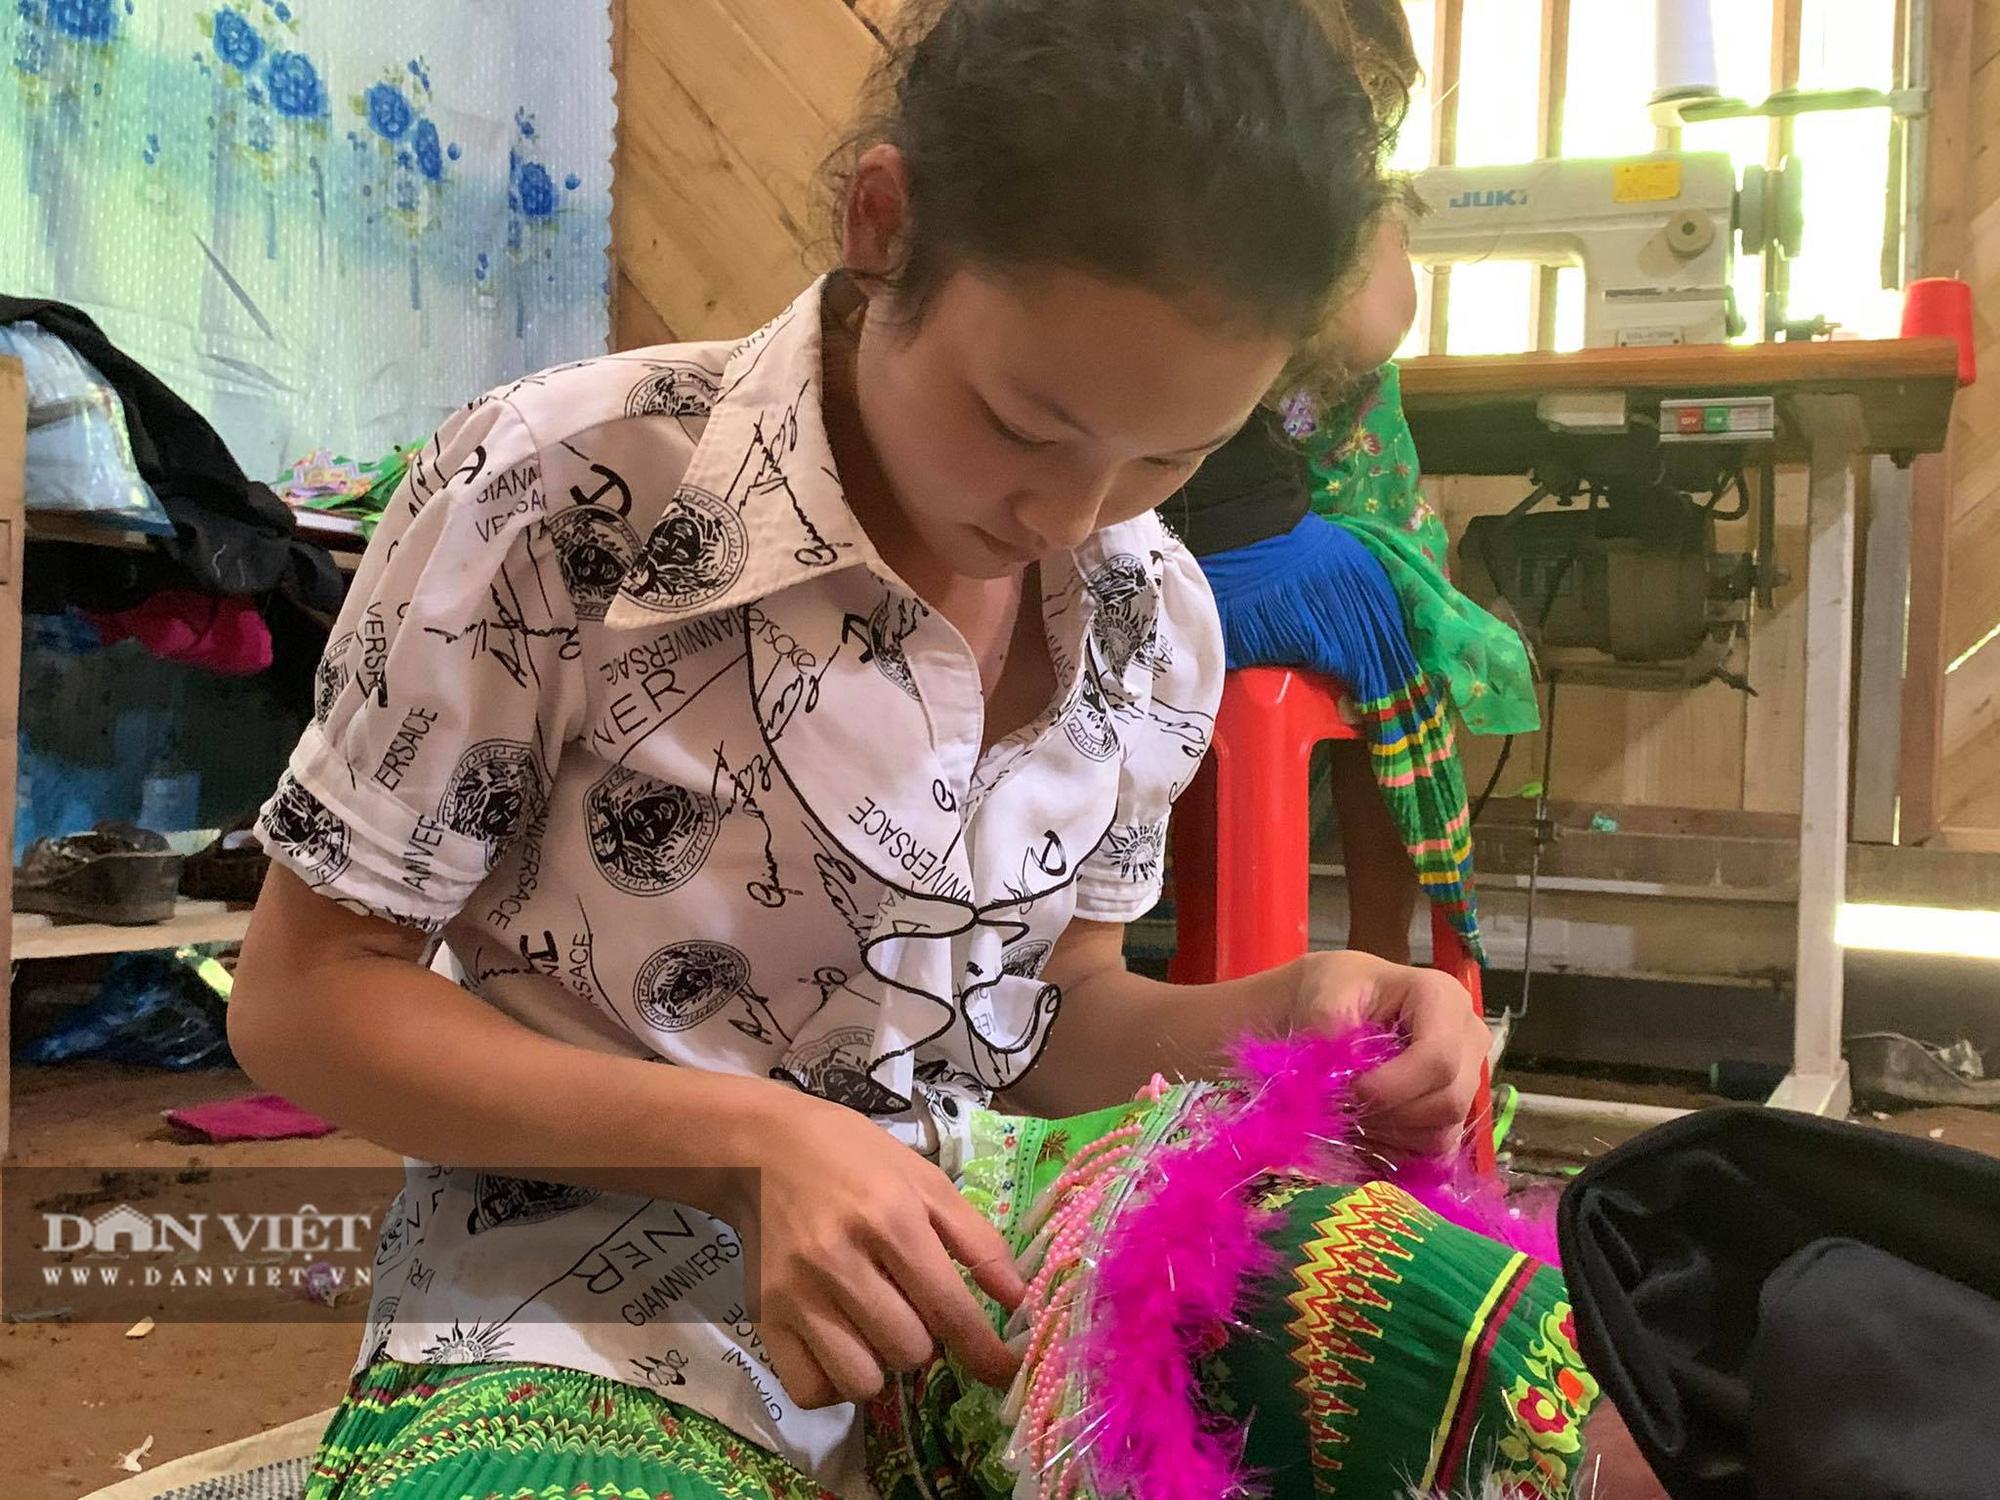 Thiếu nữ Mông Bắc Kạn mặt tươi như hoa, tay mềm như lửa, thoăn thoắt đưa kim may váy, áo thoát nghèo - Ảnh 4.